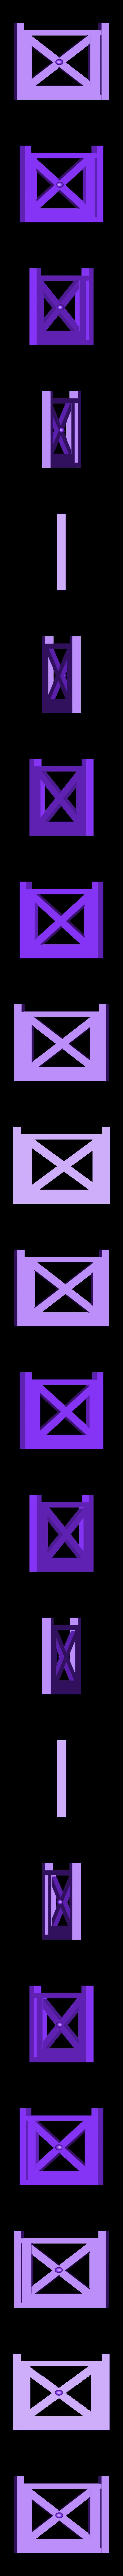 short_guard_rail3.stl Télécharger fichier STL gratuit Ripper's London - The (Modular) Factory • Modèle pour imprimante 3D, Earsling